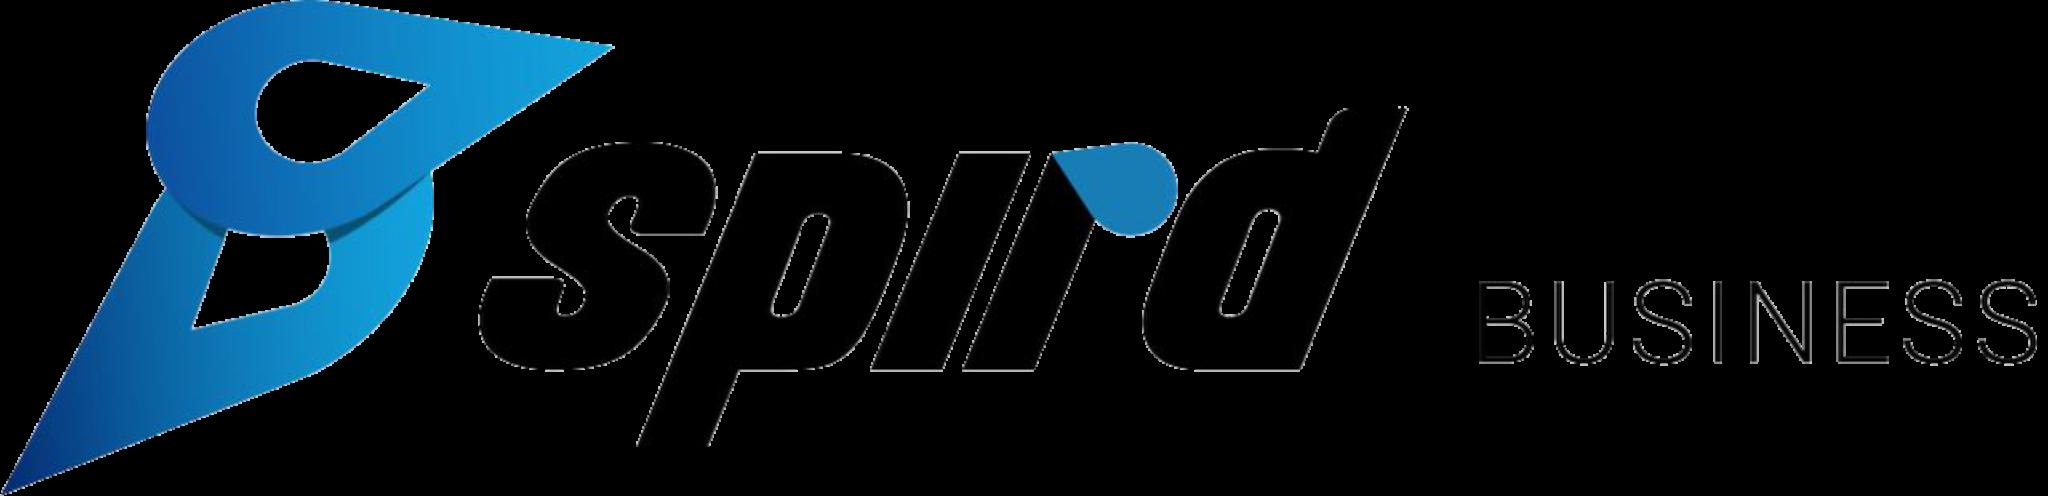 spird Business Logo